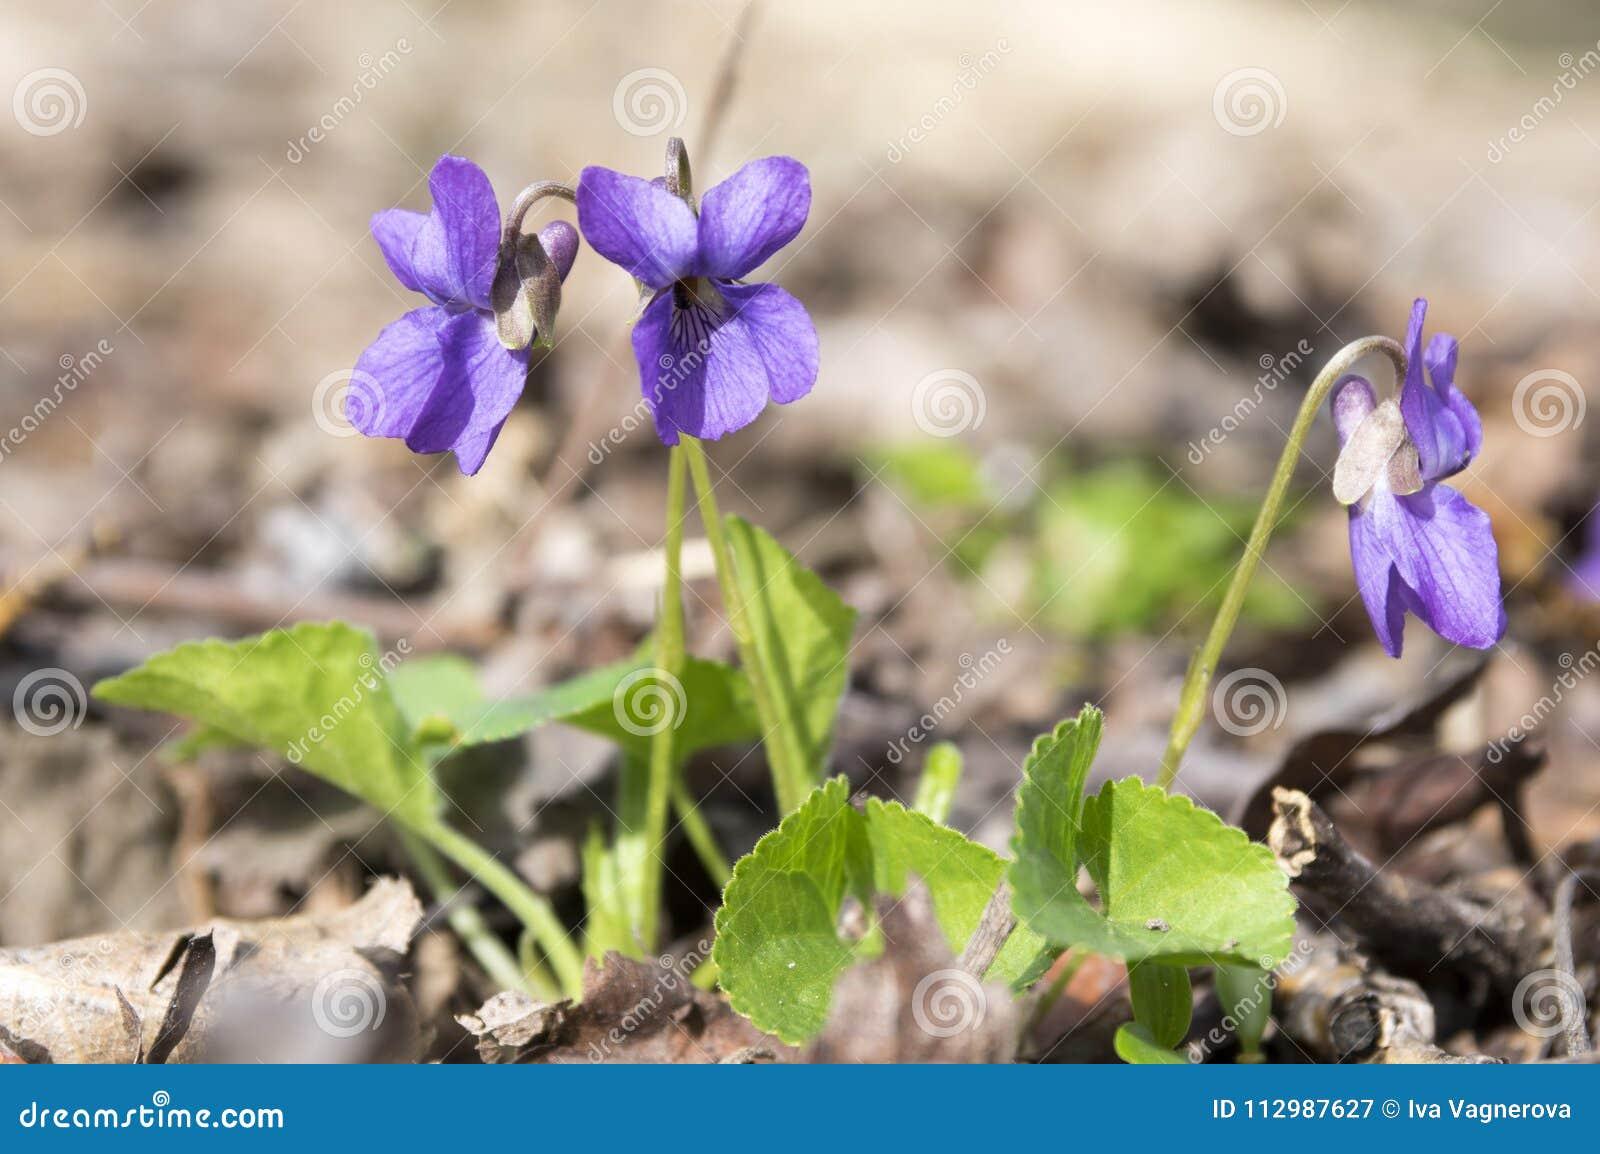 Viola odorata, spring common violet in bloom